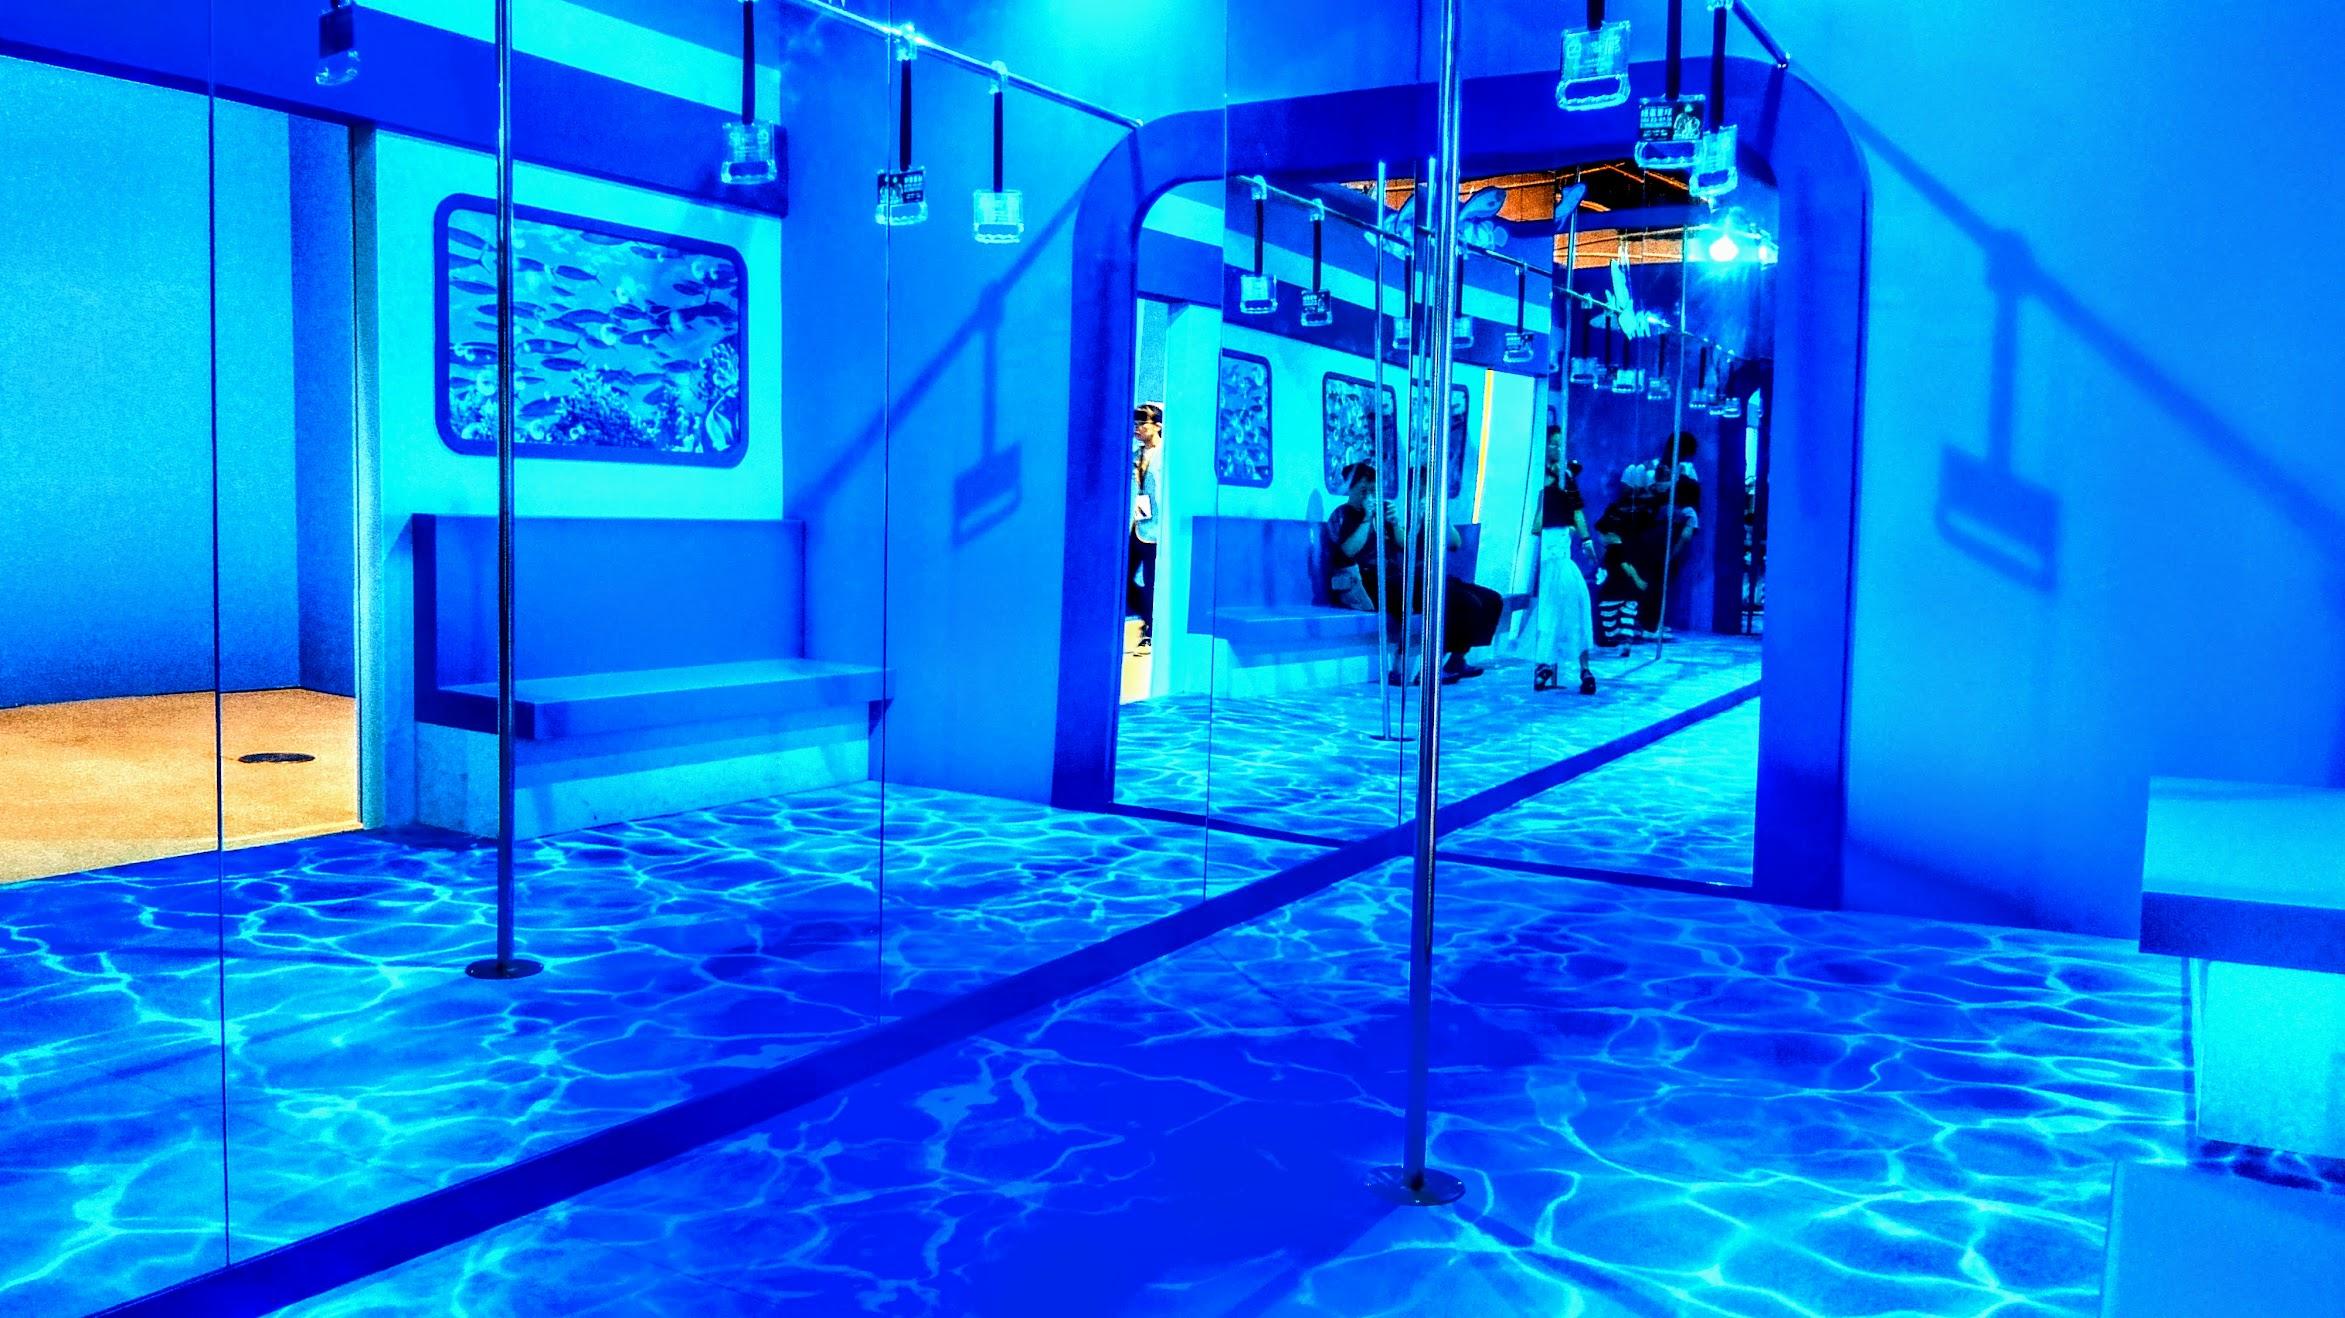 第五關,深海中的捷運....個人覺得很漂亮,但是要怎拍美美的是最難的...一個是因為鏡子反射,怎麼照都會照到攝影師,另一個是,打光會破壞氣氛啊